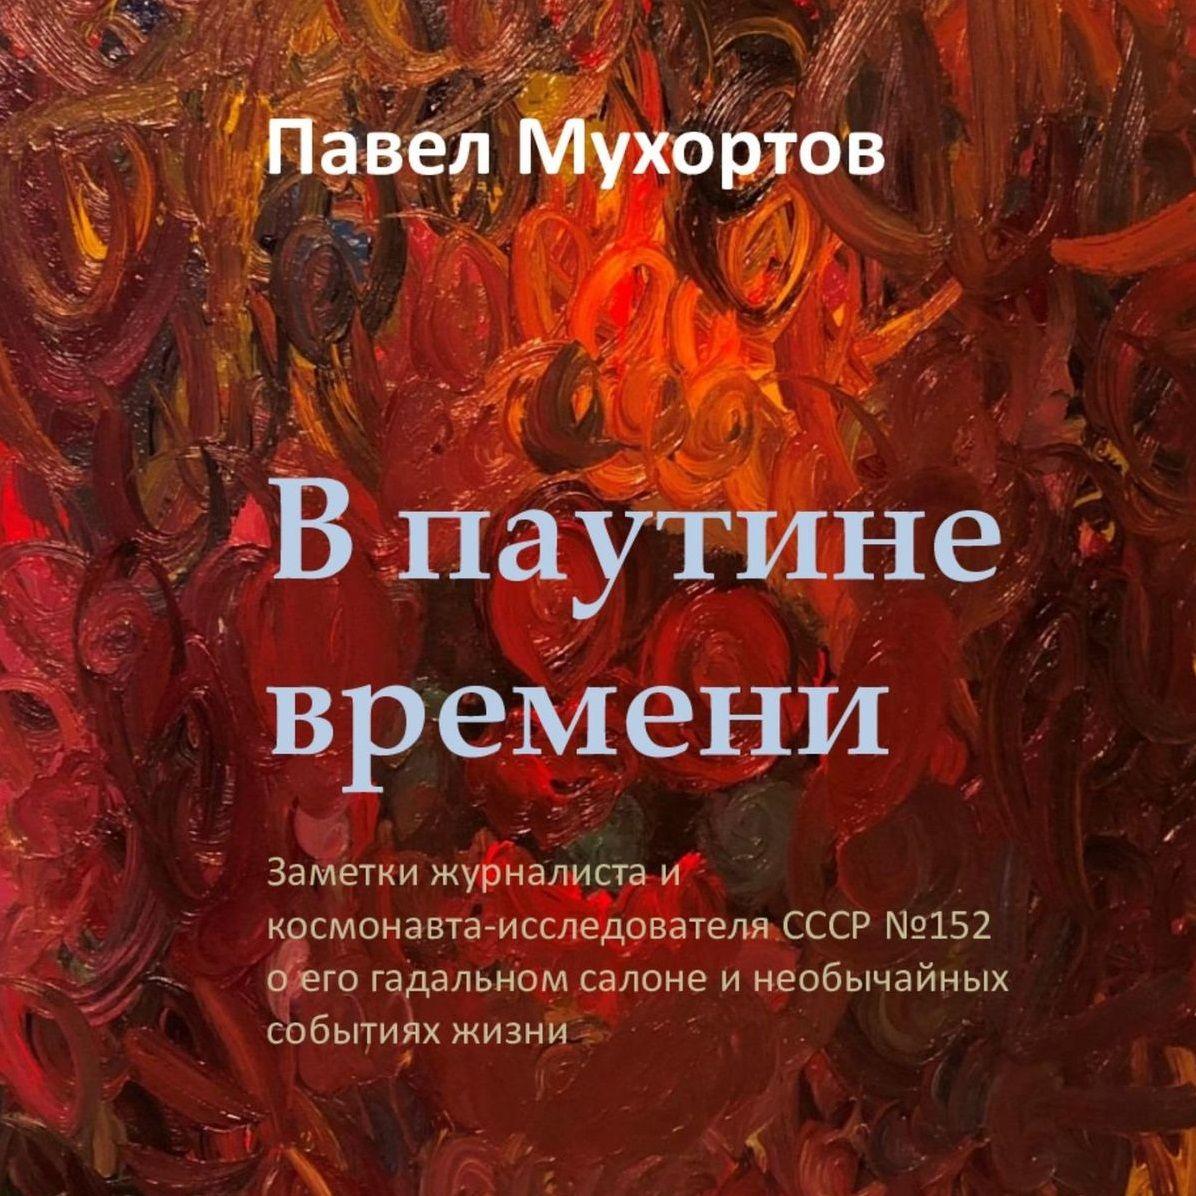 Купить книгу Впаутине времени, автора Павла Мухортова